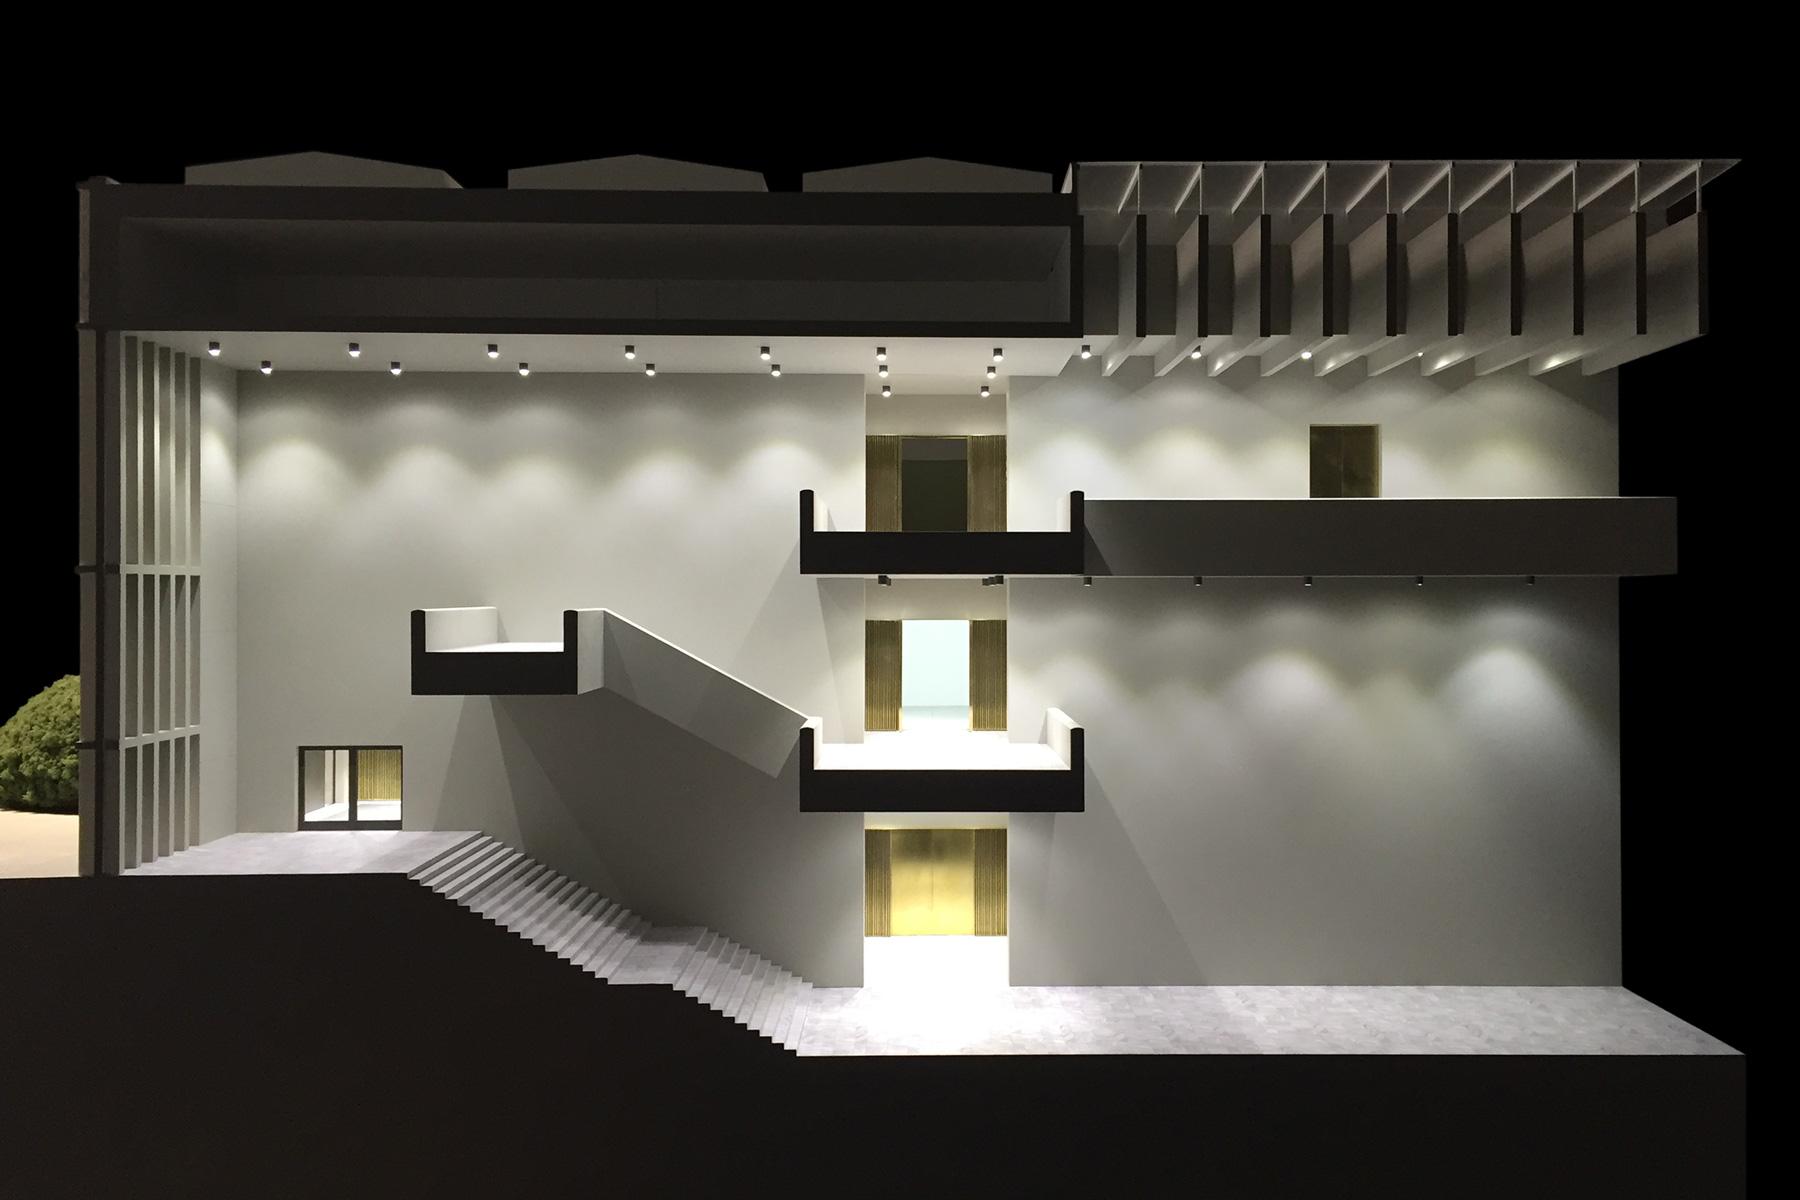 architekturmodell erweiterung kunsthaus z rich b la berec modellbau 1 33. Black Bedroom Furniture Sets. Home Design Ideas